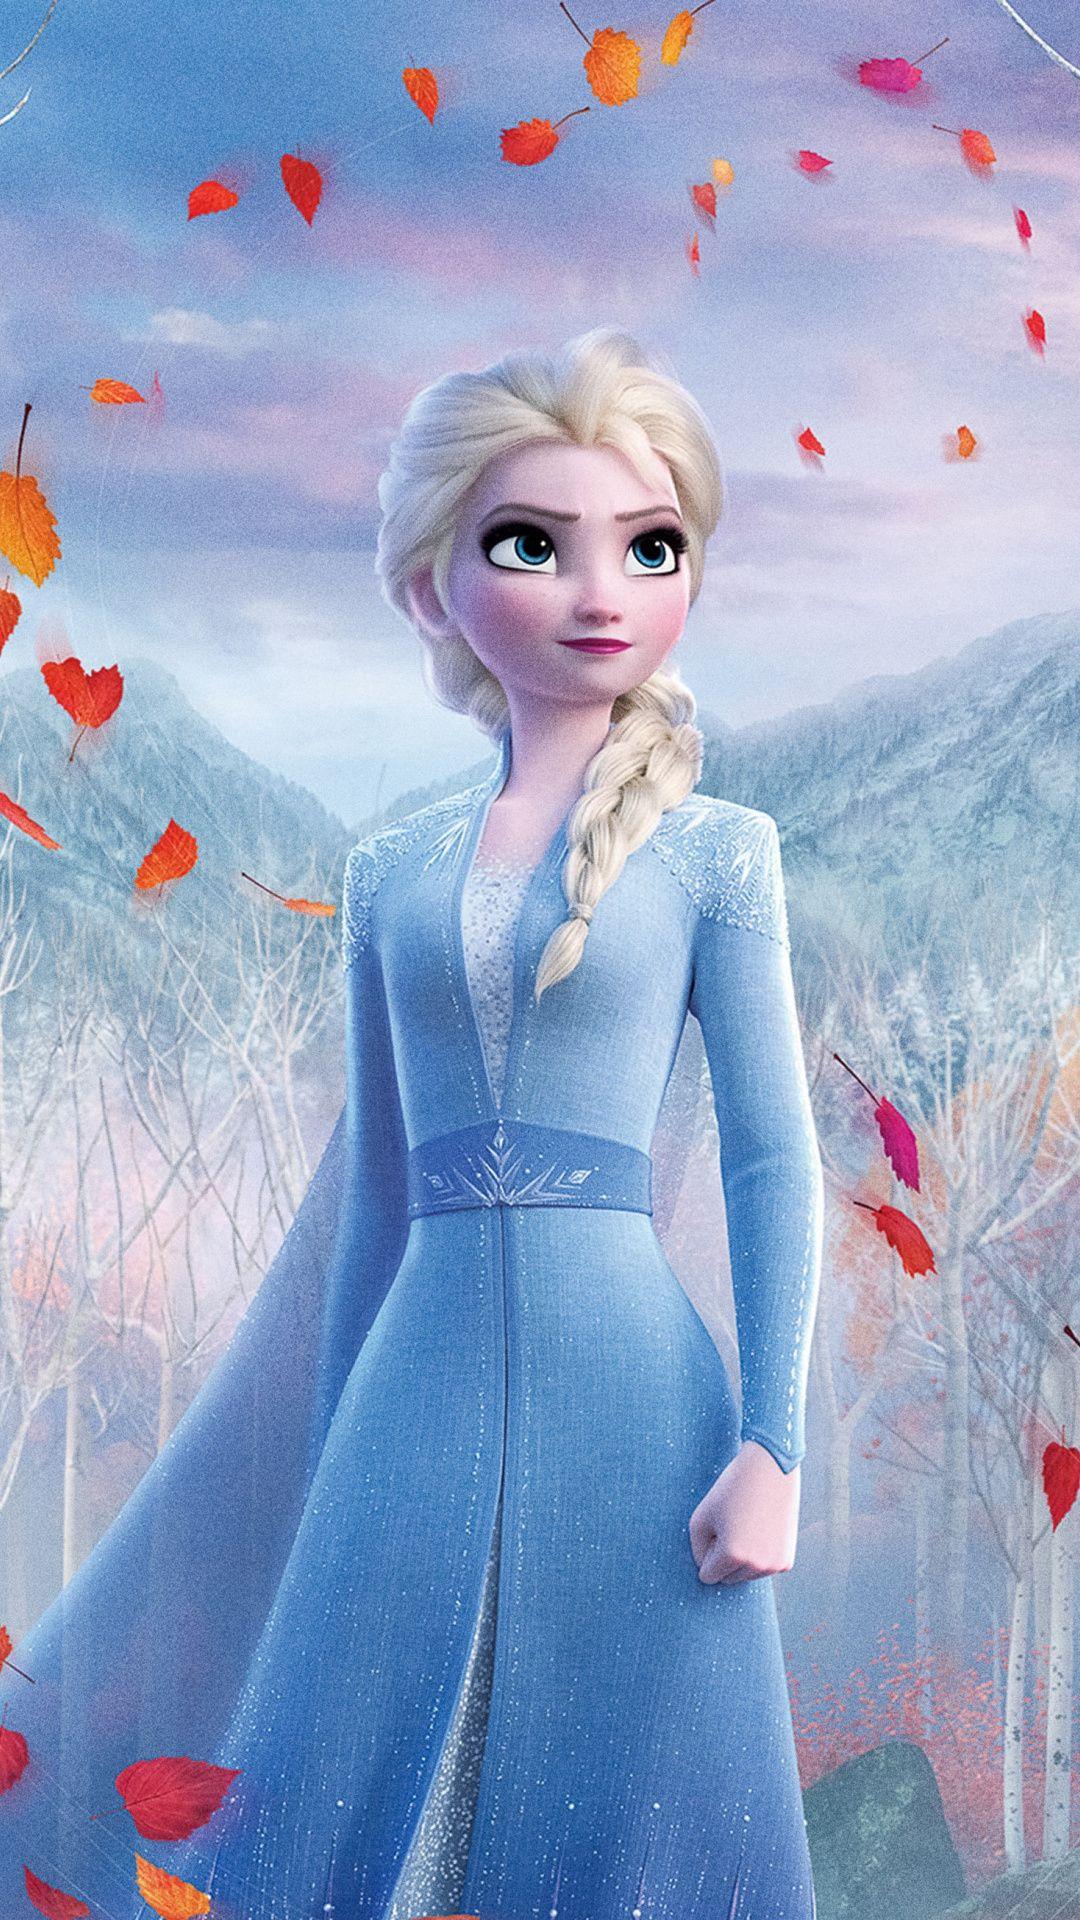 1080x1920 Snow Queen Elsa Frozen 2 Beautiful Queen